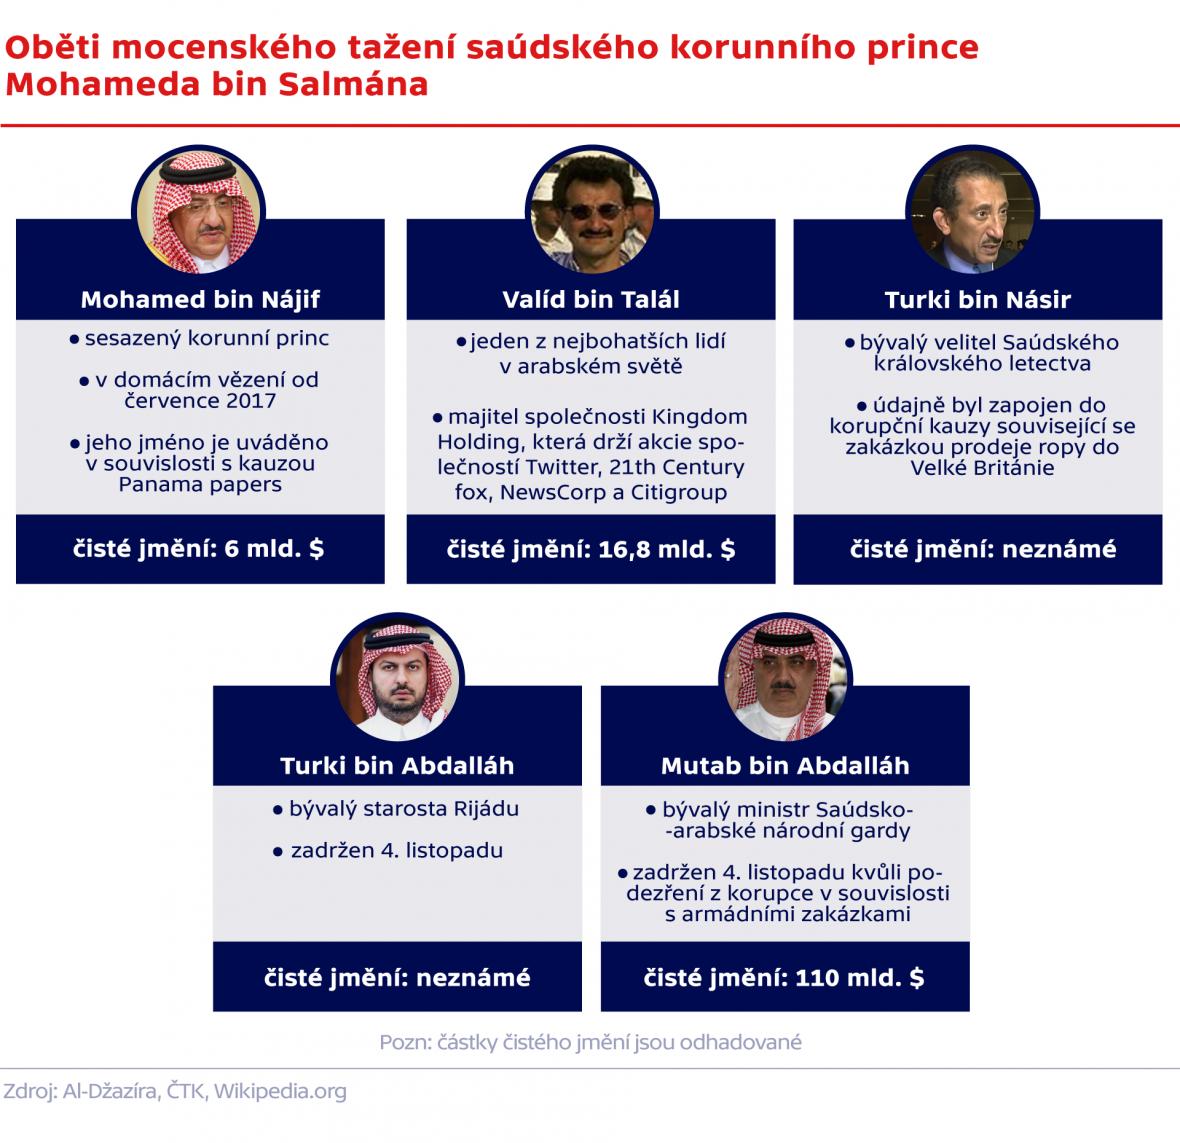 Oběti mocenského tažení saúdského korunního prince Mohameda bin Salmána